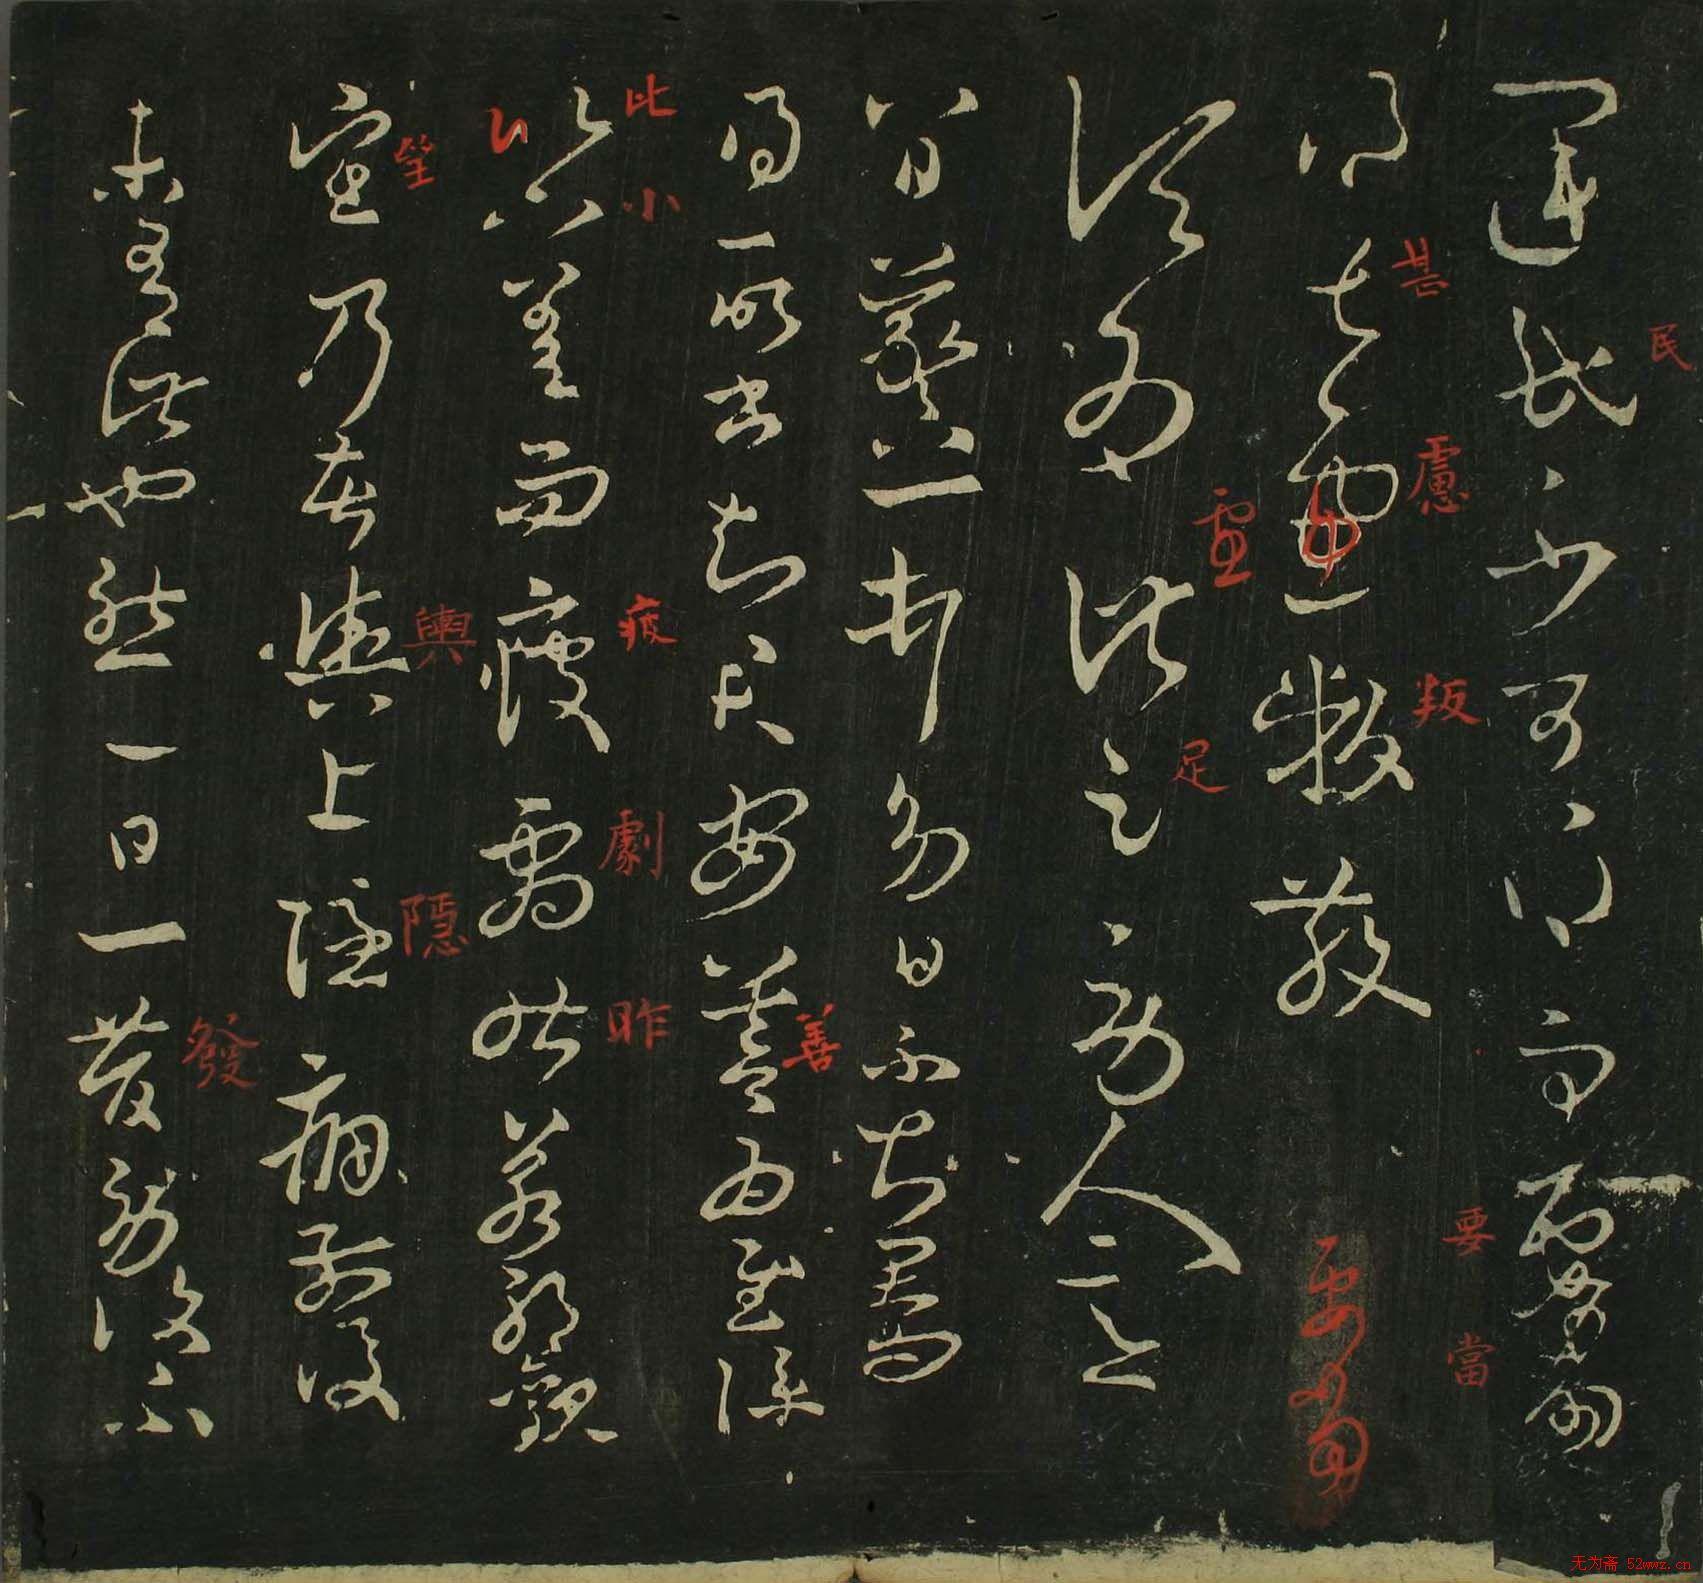 王羲之草书法帖在线欣赏